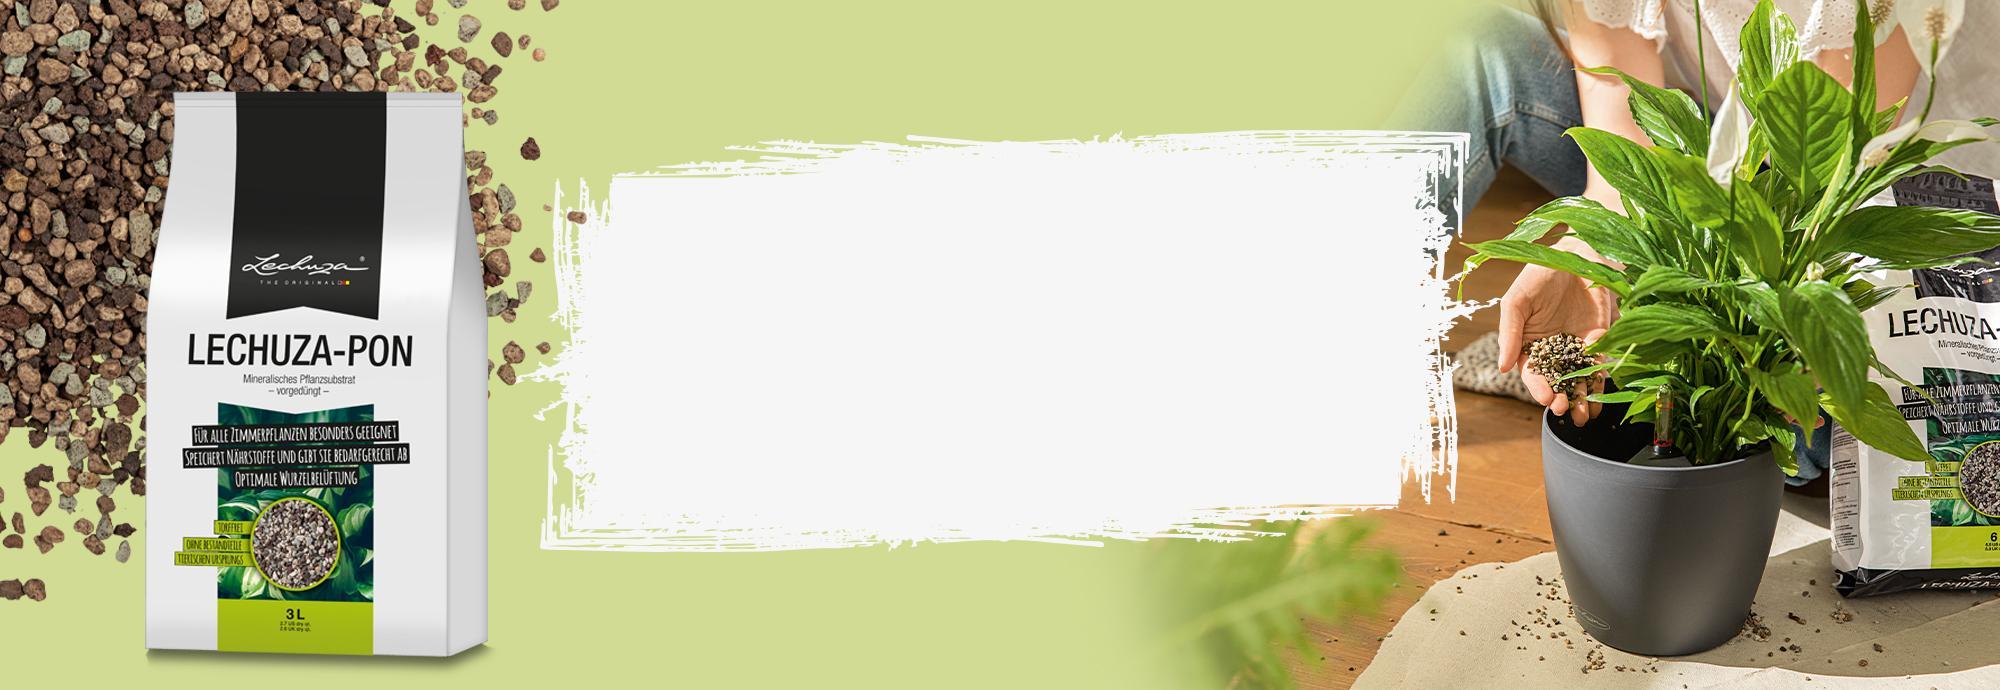 10% de descuento en LECHUZA-PON 3L sustrato de alta calidad alternativo a la tierra